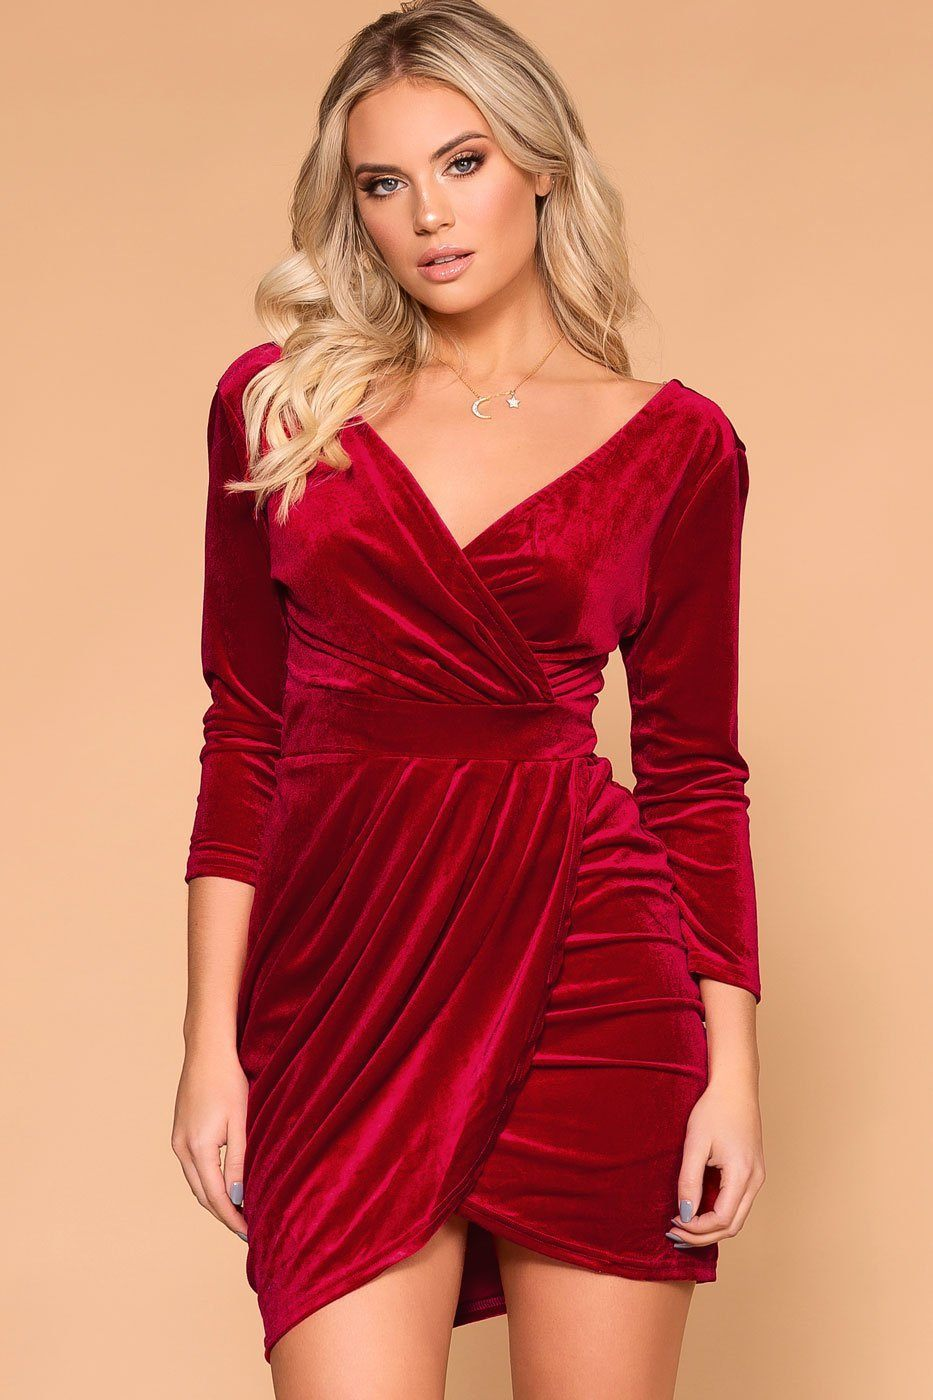 c802ffa4fad Lady Luck Red Velvet Wrap Mini Dress in 2019